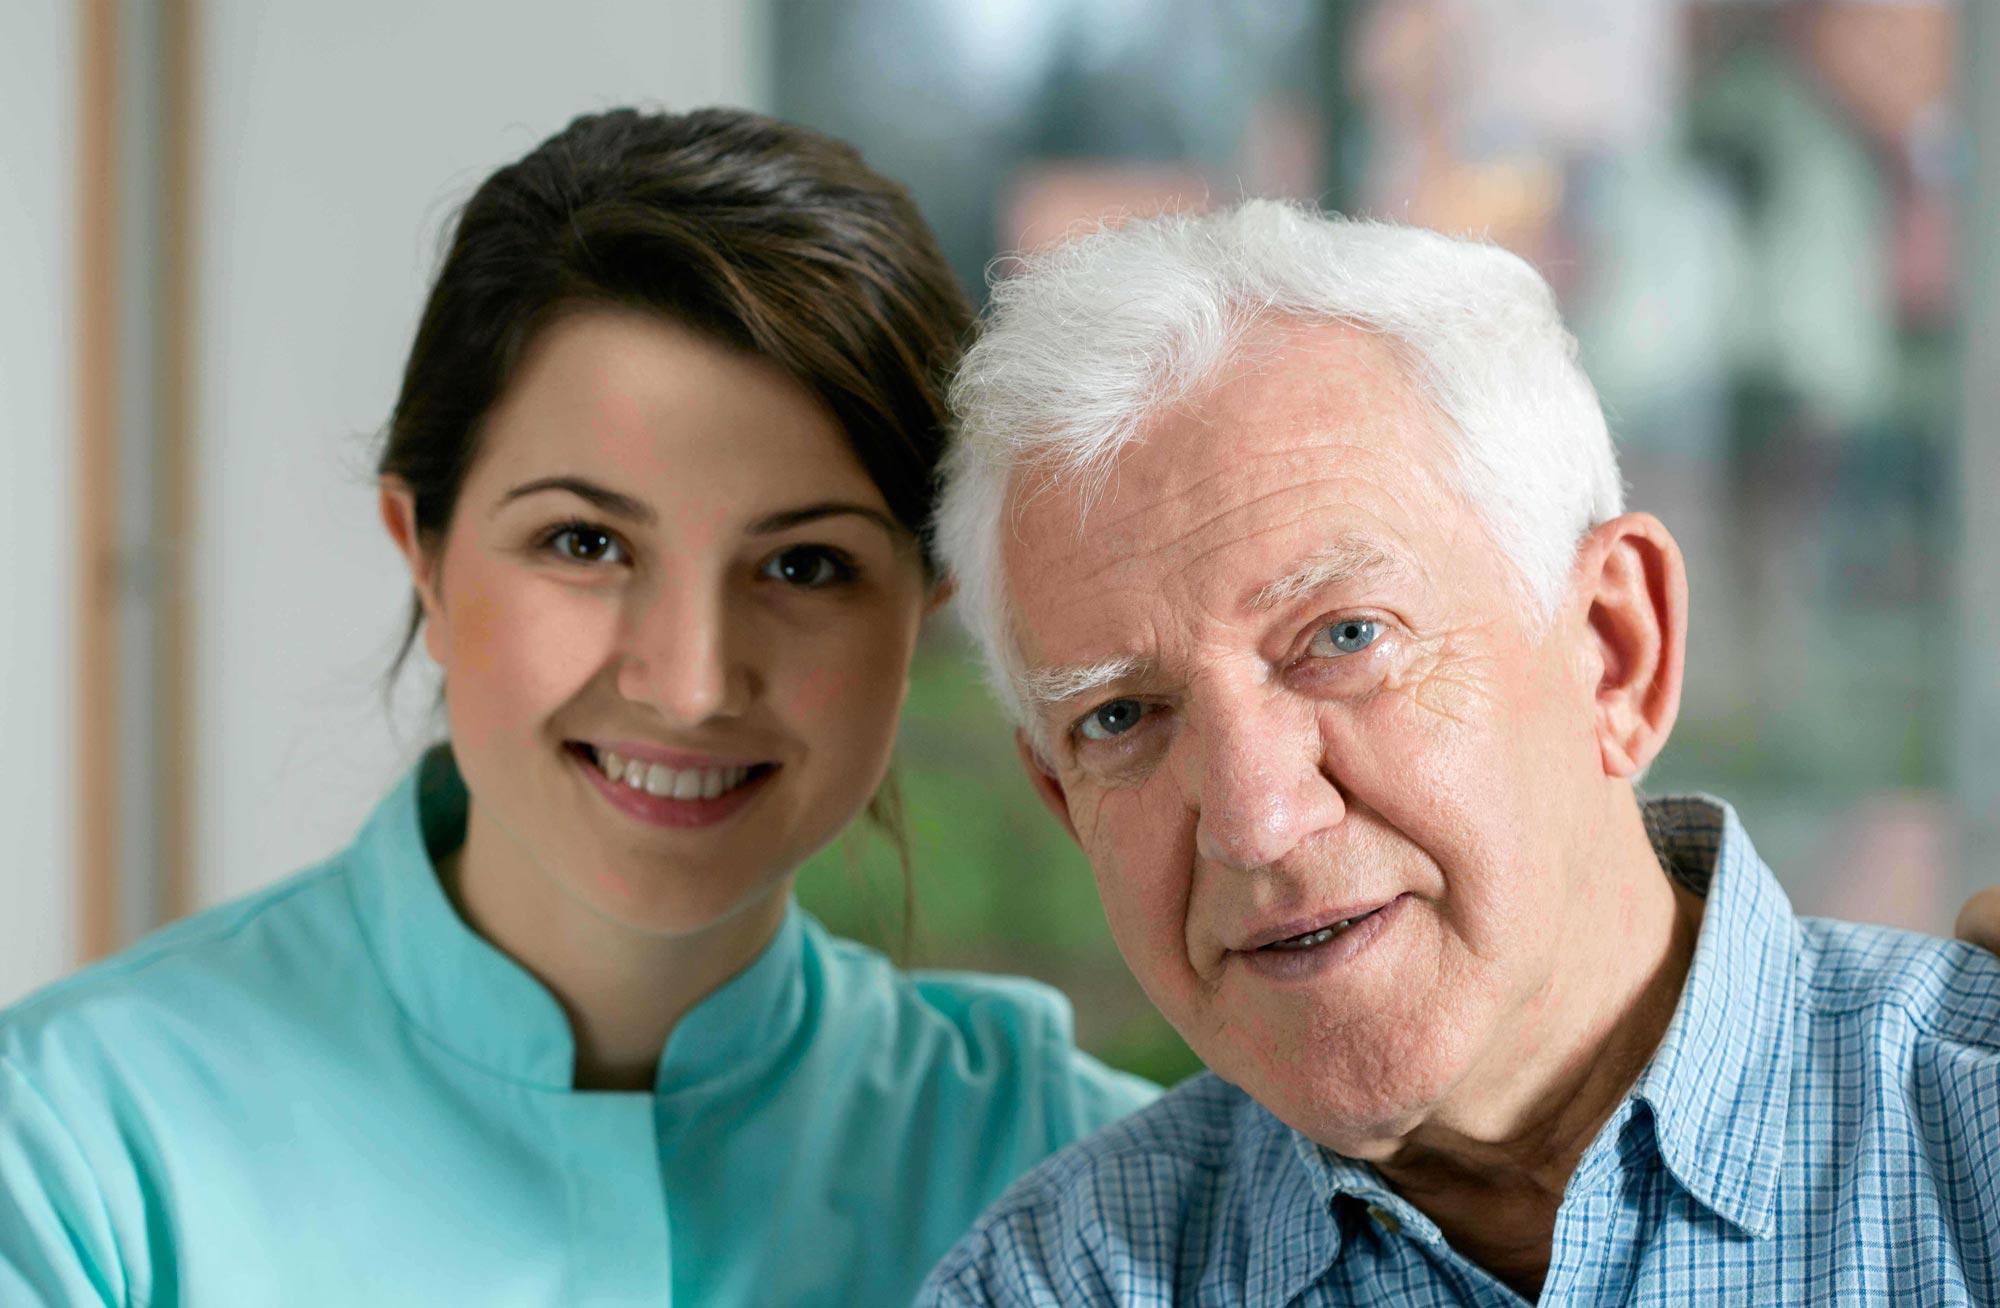 Consigli per i familiari delle persone incontinenti